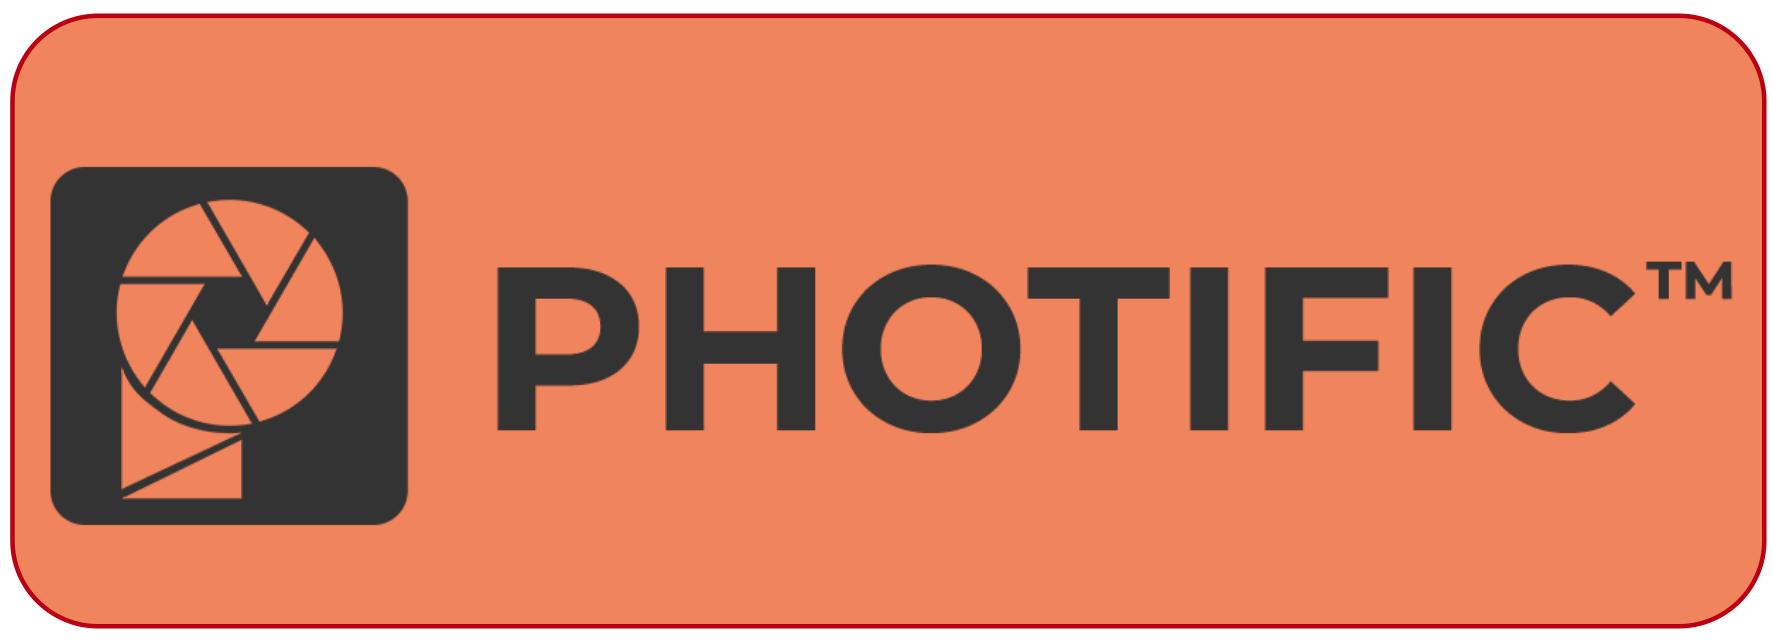 Photific Storefront2 Logo